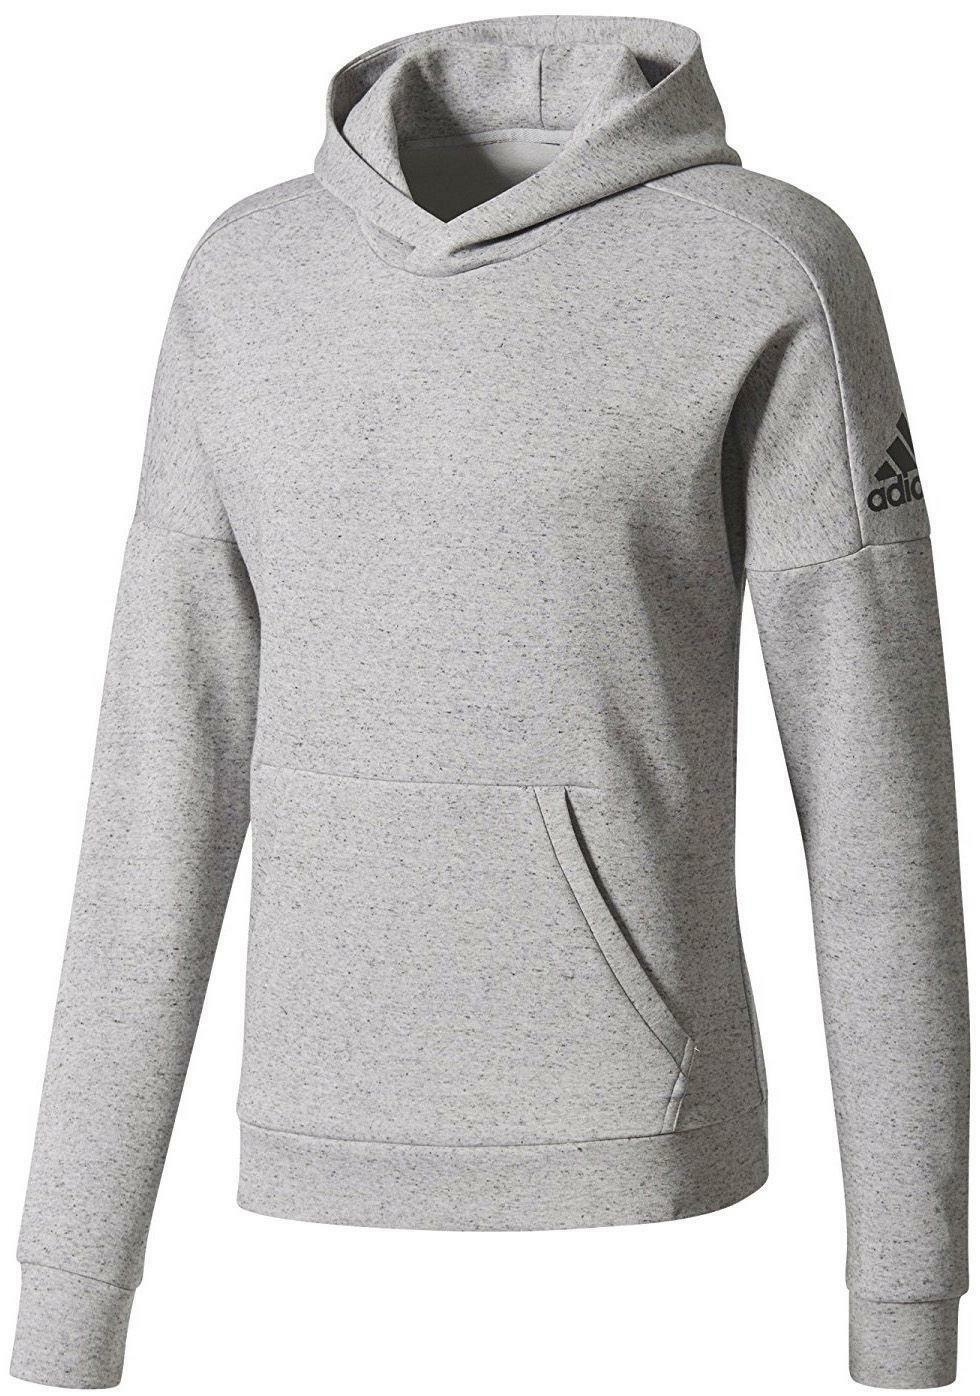 Dettagli su Adidas Felpa Uomo Stadium Nera Uomo S98783 Sweatshirt Men Black